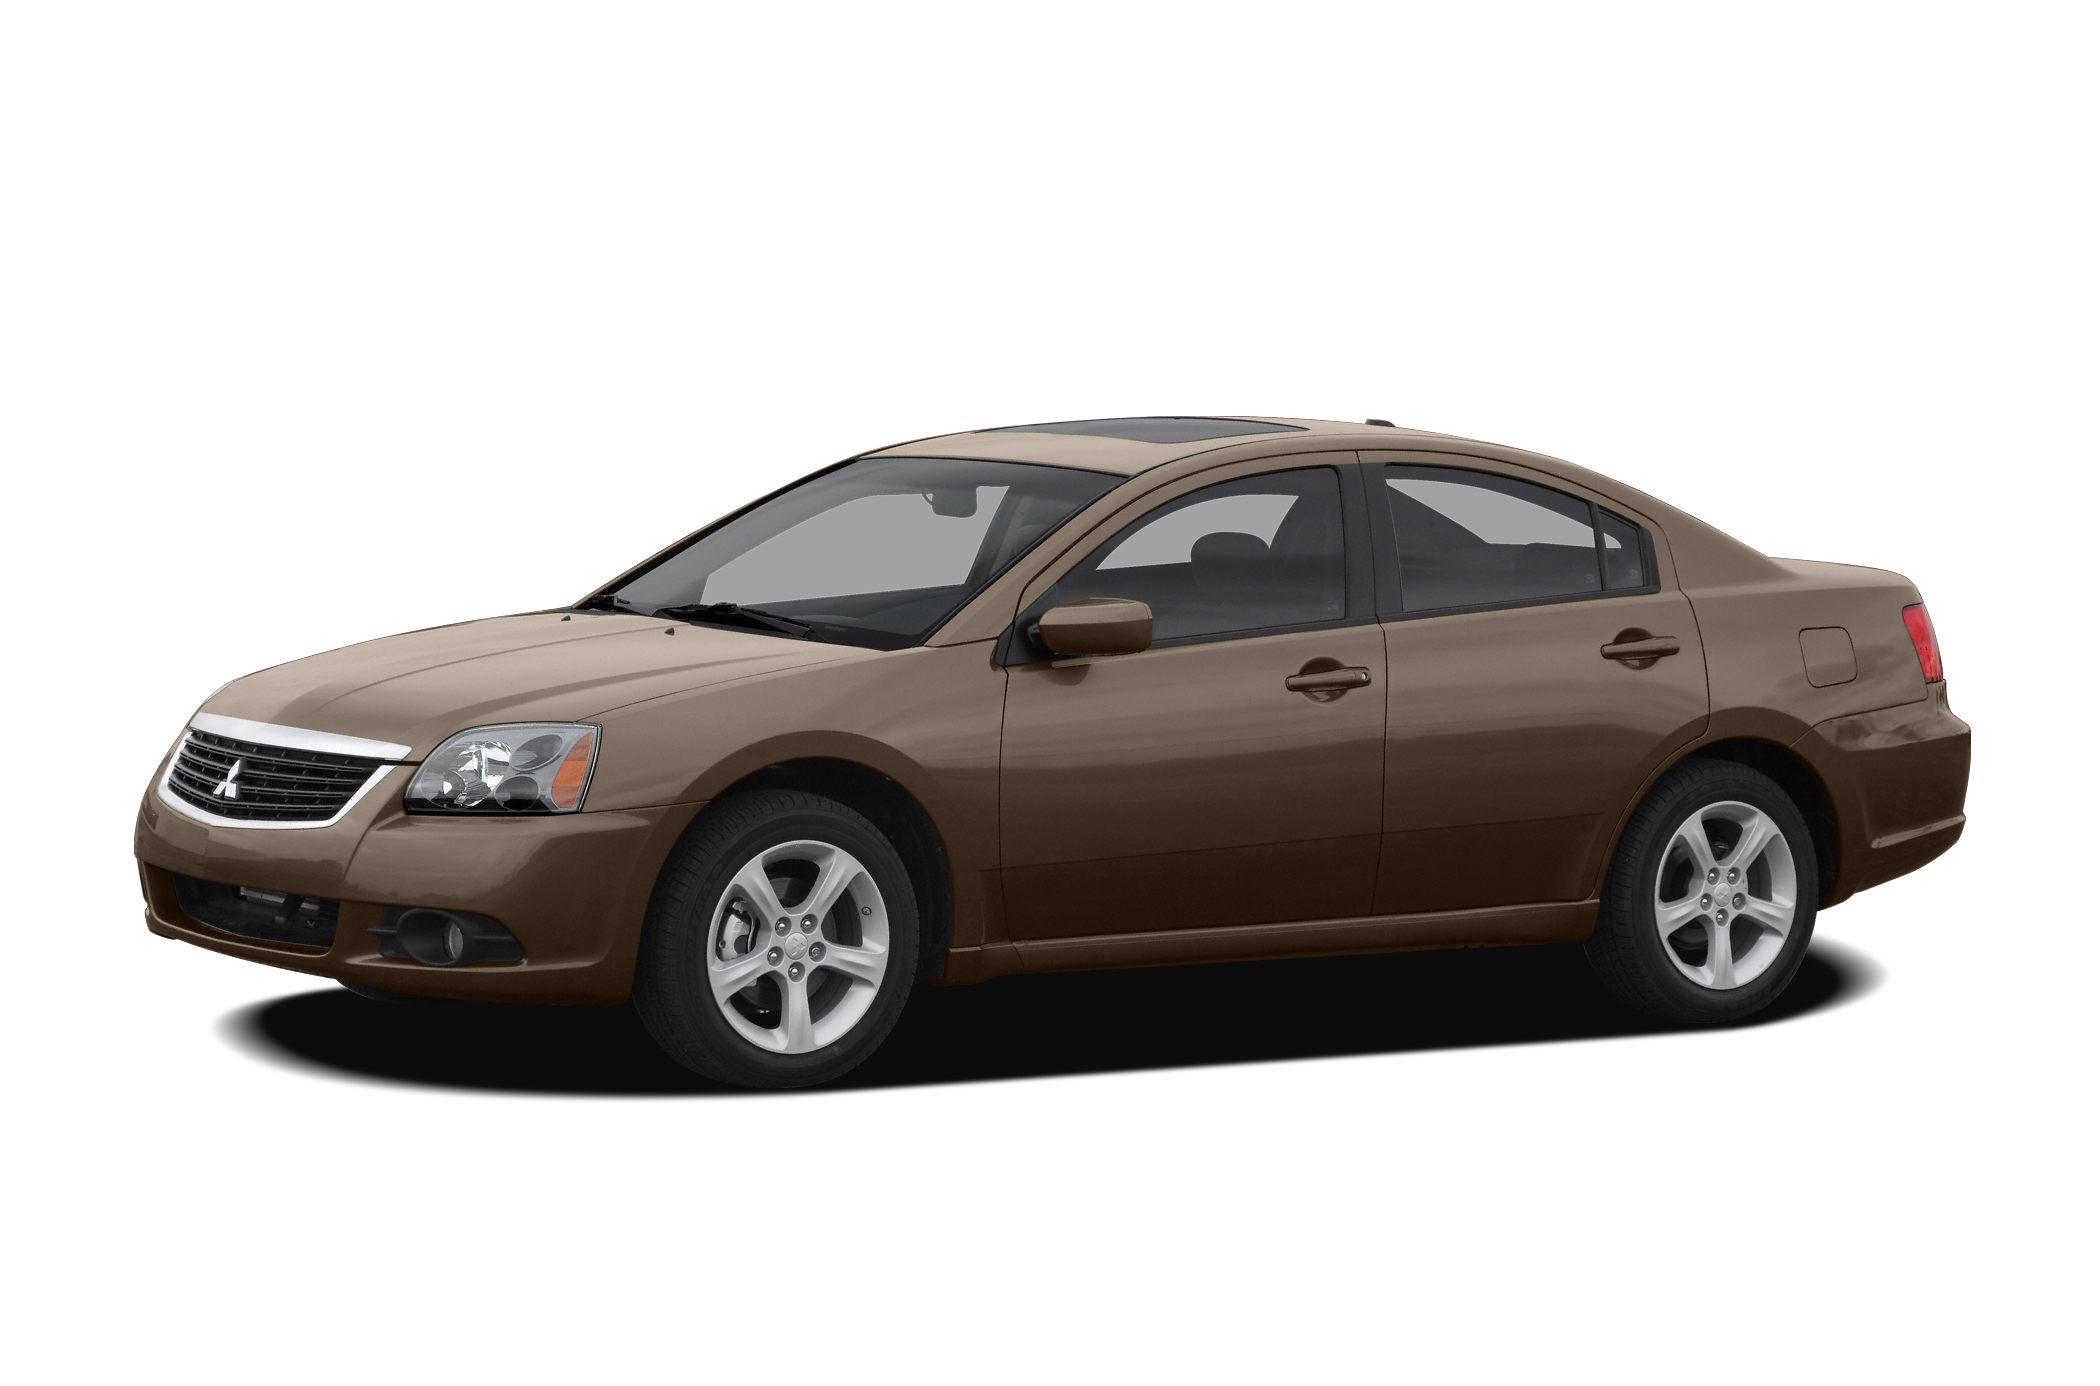 2009 Mitsubishi Galant ES Miles 78971Color Gray Stock 18987R VIN 4A3AB36F09E025893